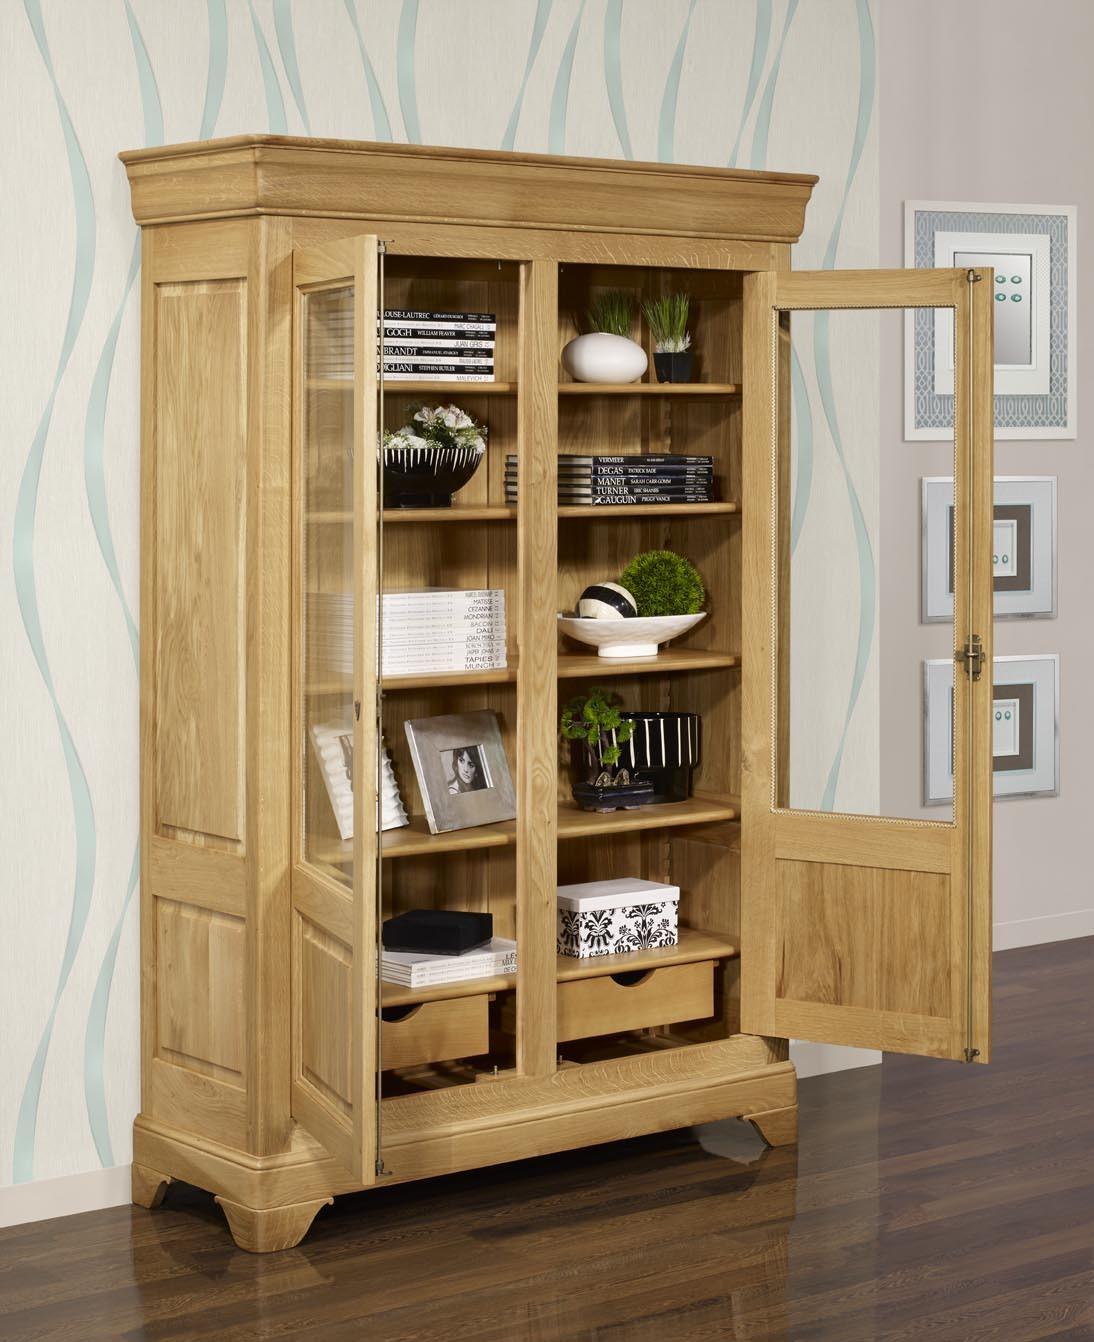 Biblioth que 2 portes en ch ne massif de style louis philippe meuble en ch - Bibliotheque bois massif ikea ...